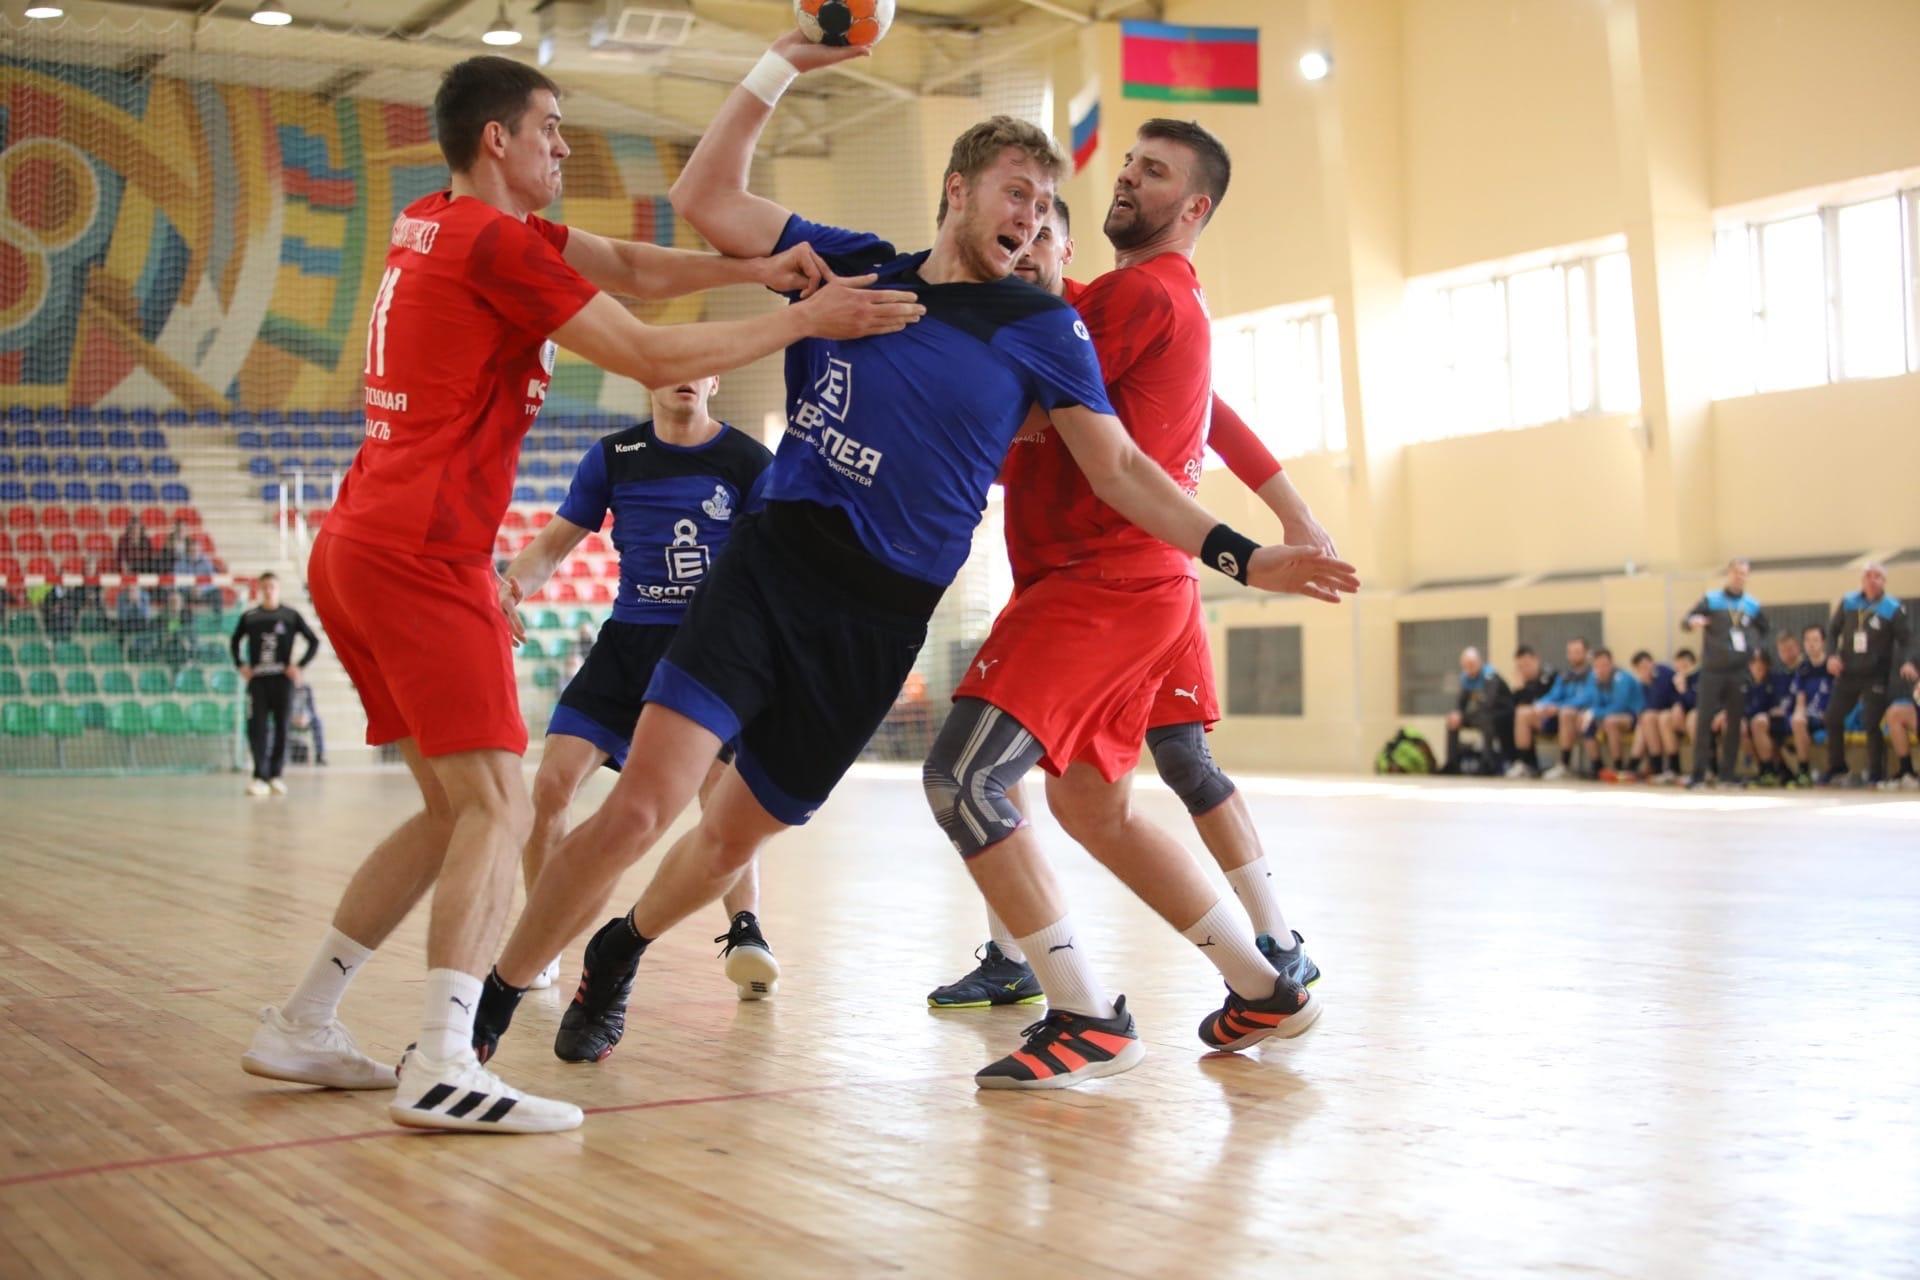 Чемпионат России. Плей-офф увидят в Краснодаре. А в Таганроге снова ждать, изображение №2